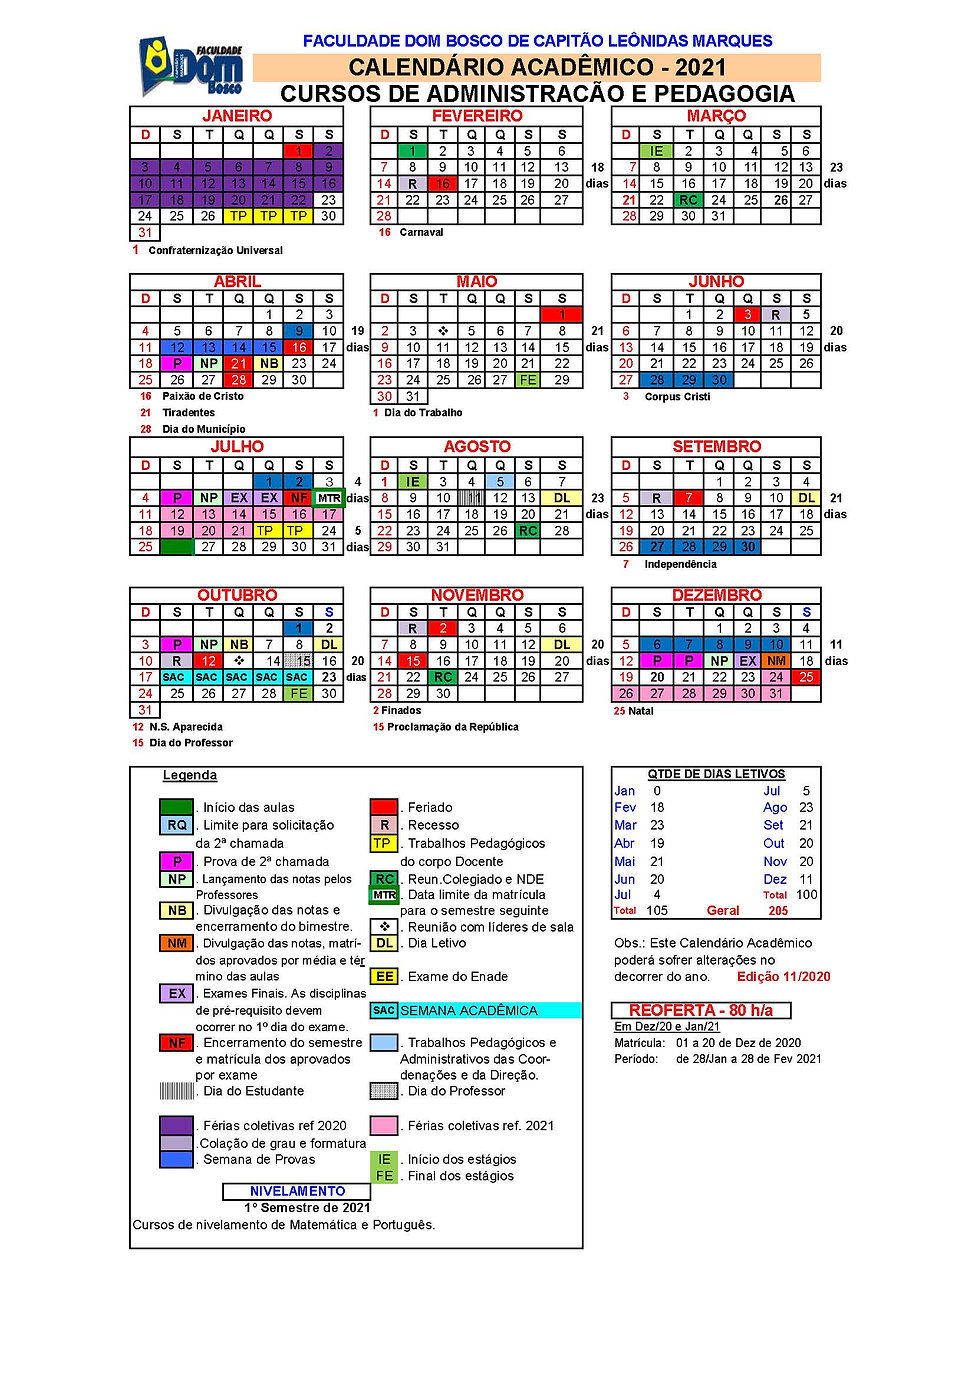 Calendario Academico Cap Leo Marques 202